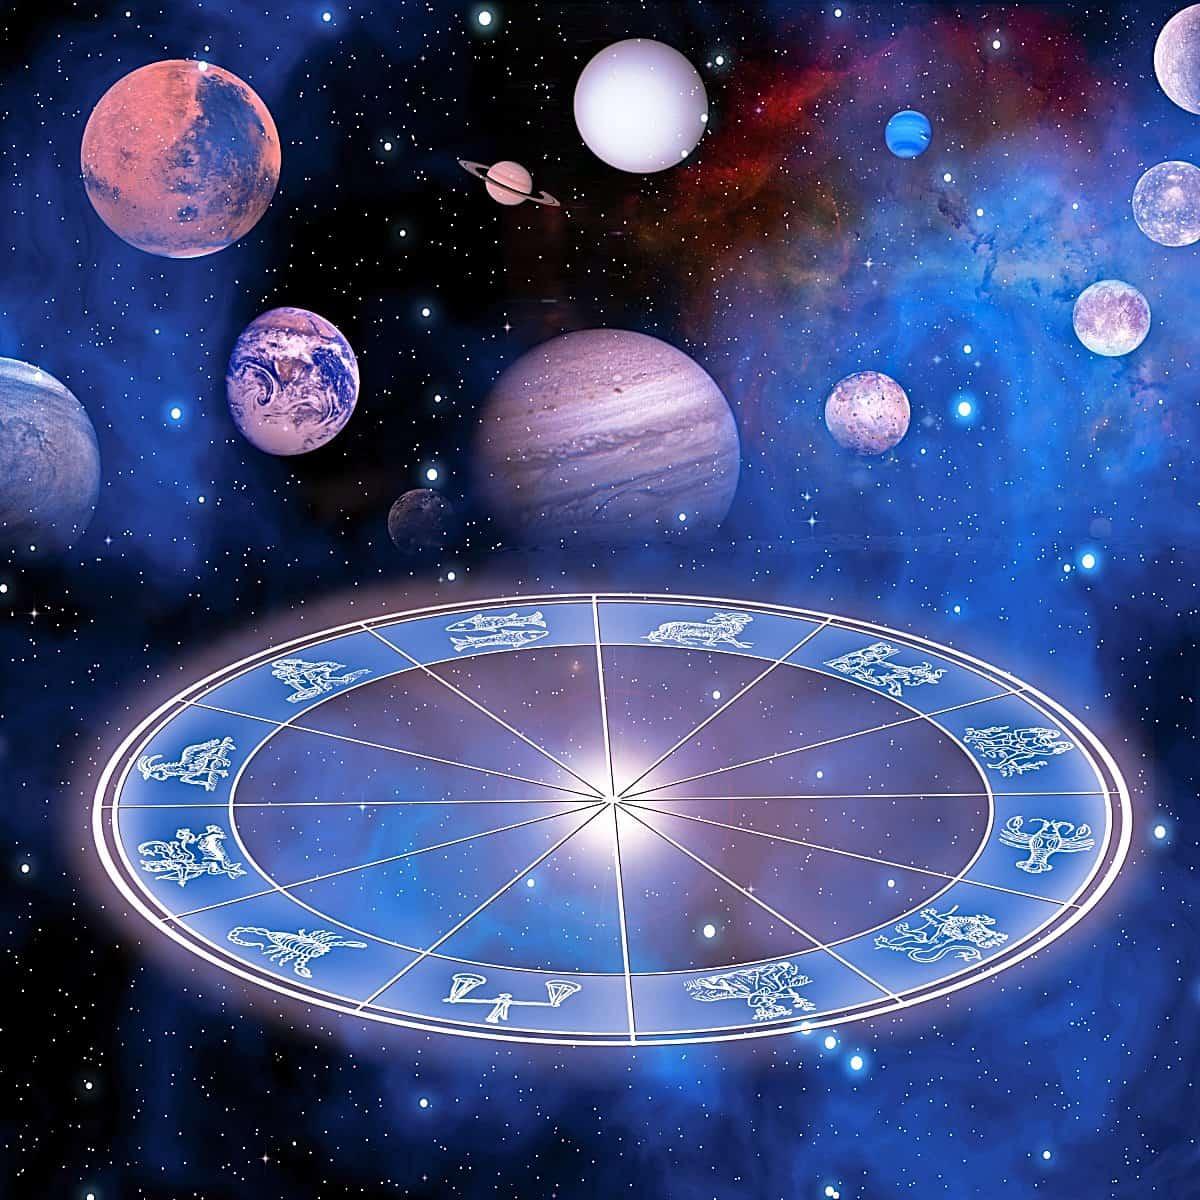 ASTROLOGIA MUNDIAL: ¿QUÉ PODEMOS ESPERAR EN ESTA NUEVA DECADA?